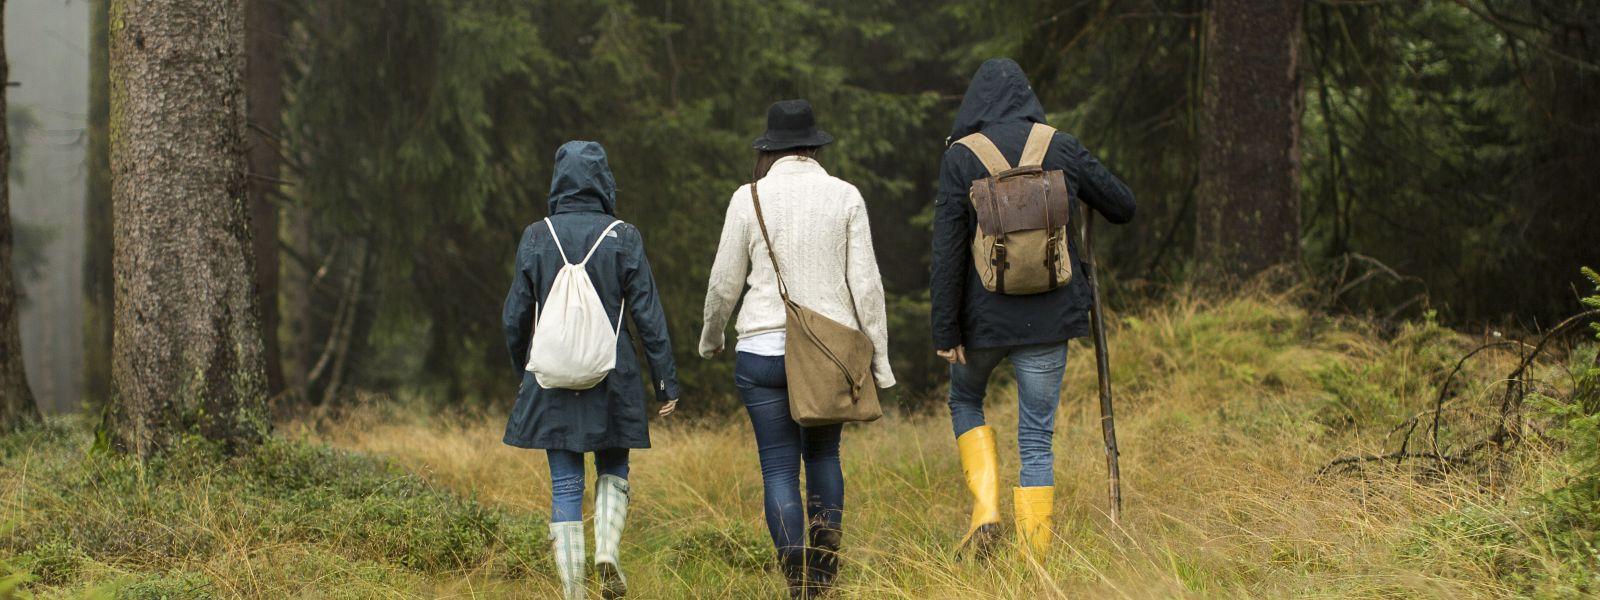 Drei Personen mit Gummistiefeln im Wald wandern raus aus dem Trott